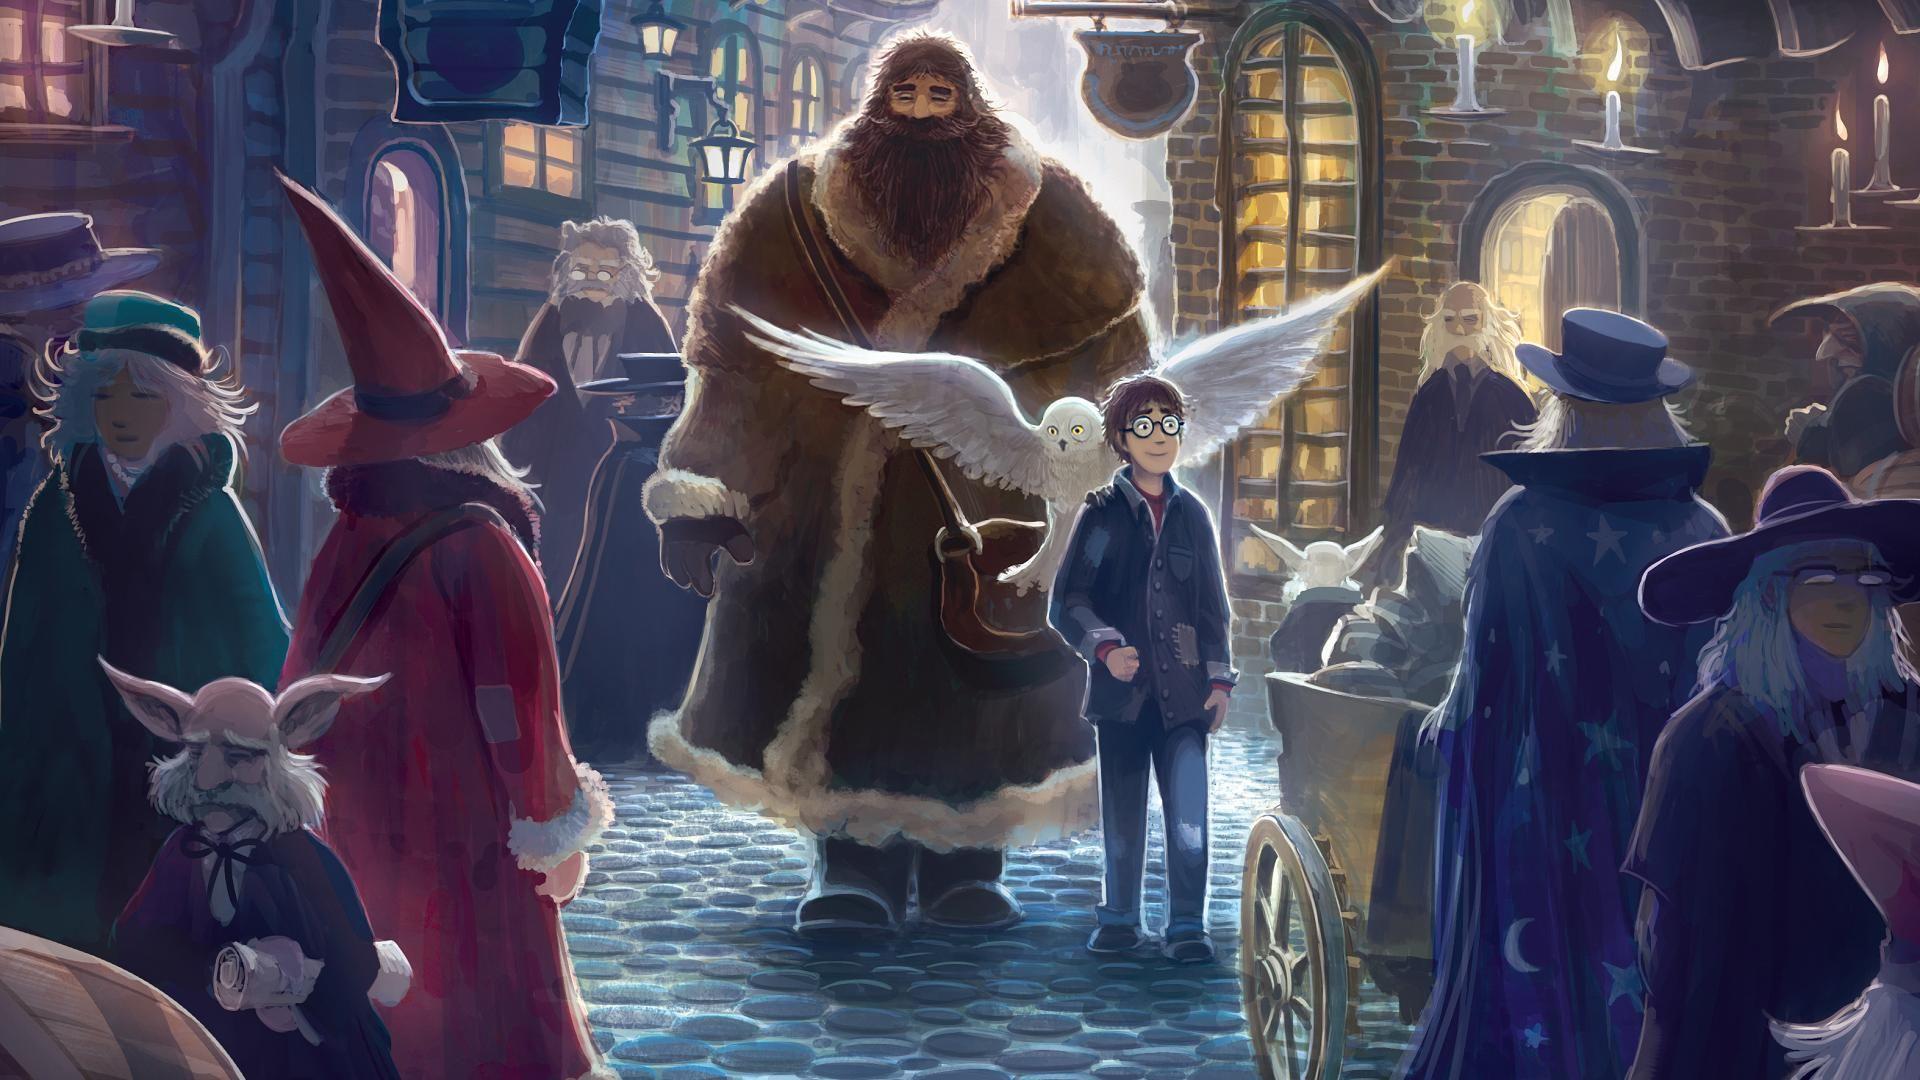 СМИ: Warner Bros. работает над сериалом во вселенной «Гарри Поттера» 1